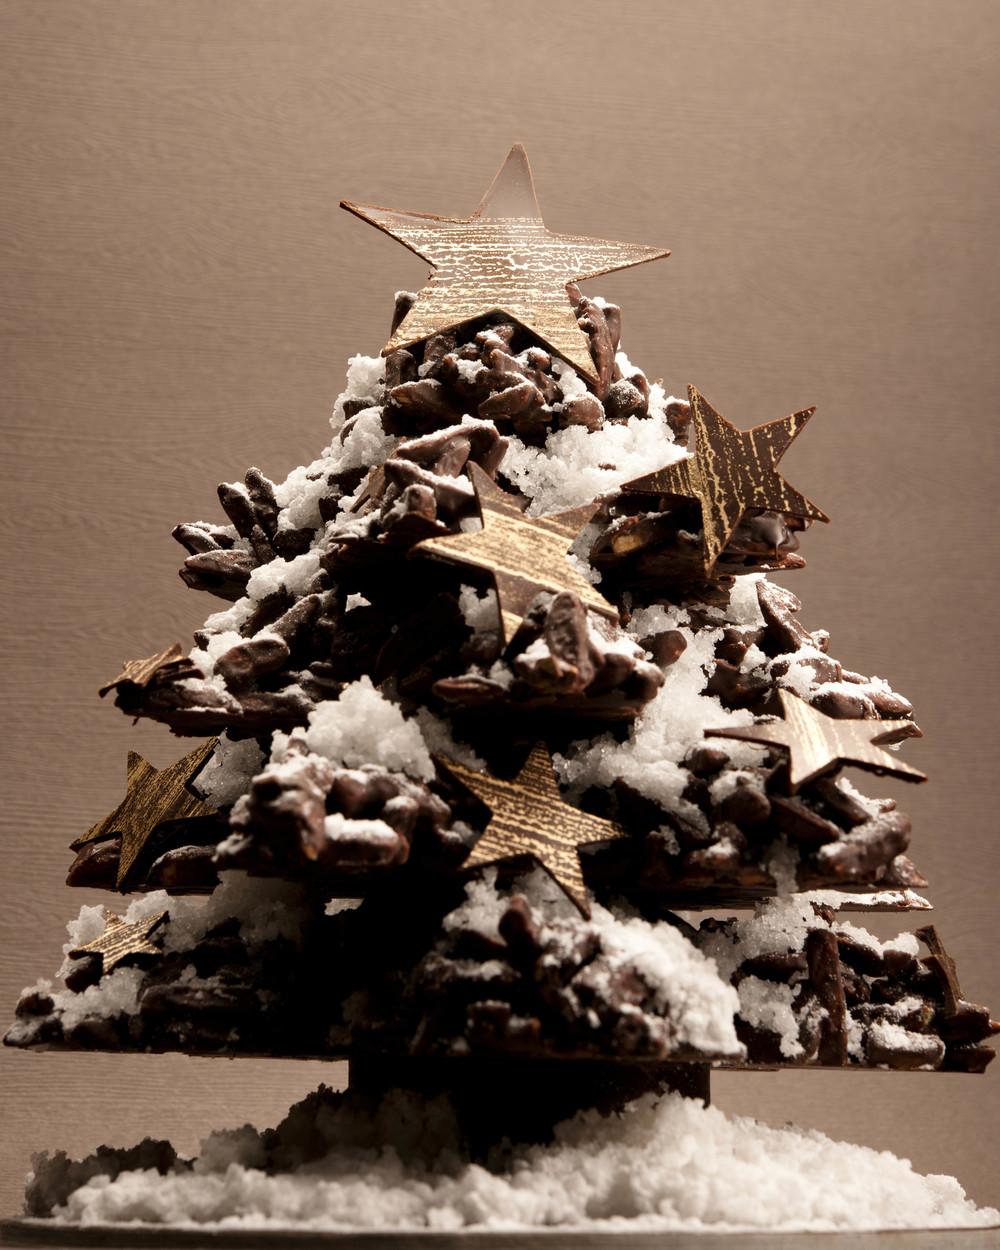 Chocolate Christmas Tree.jpg